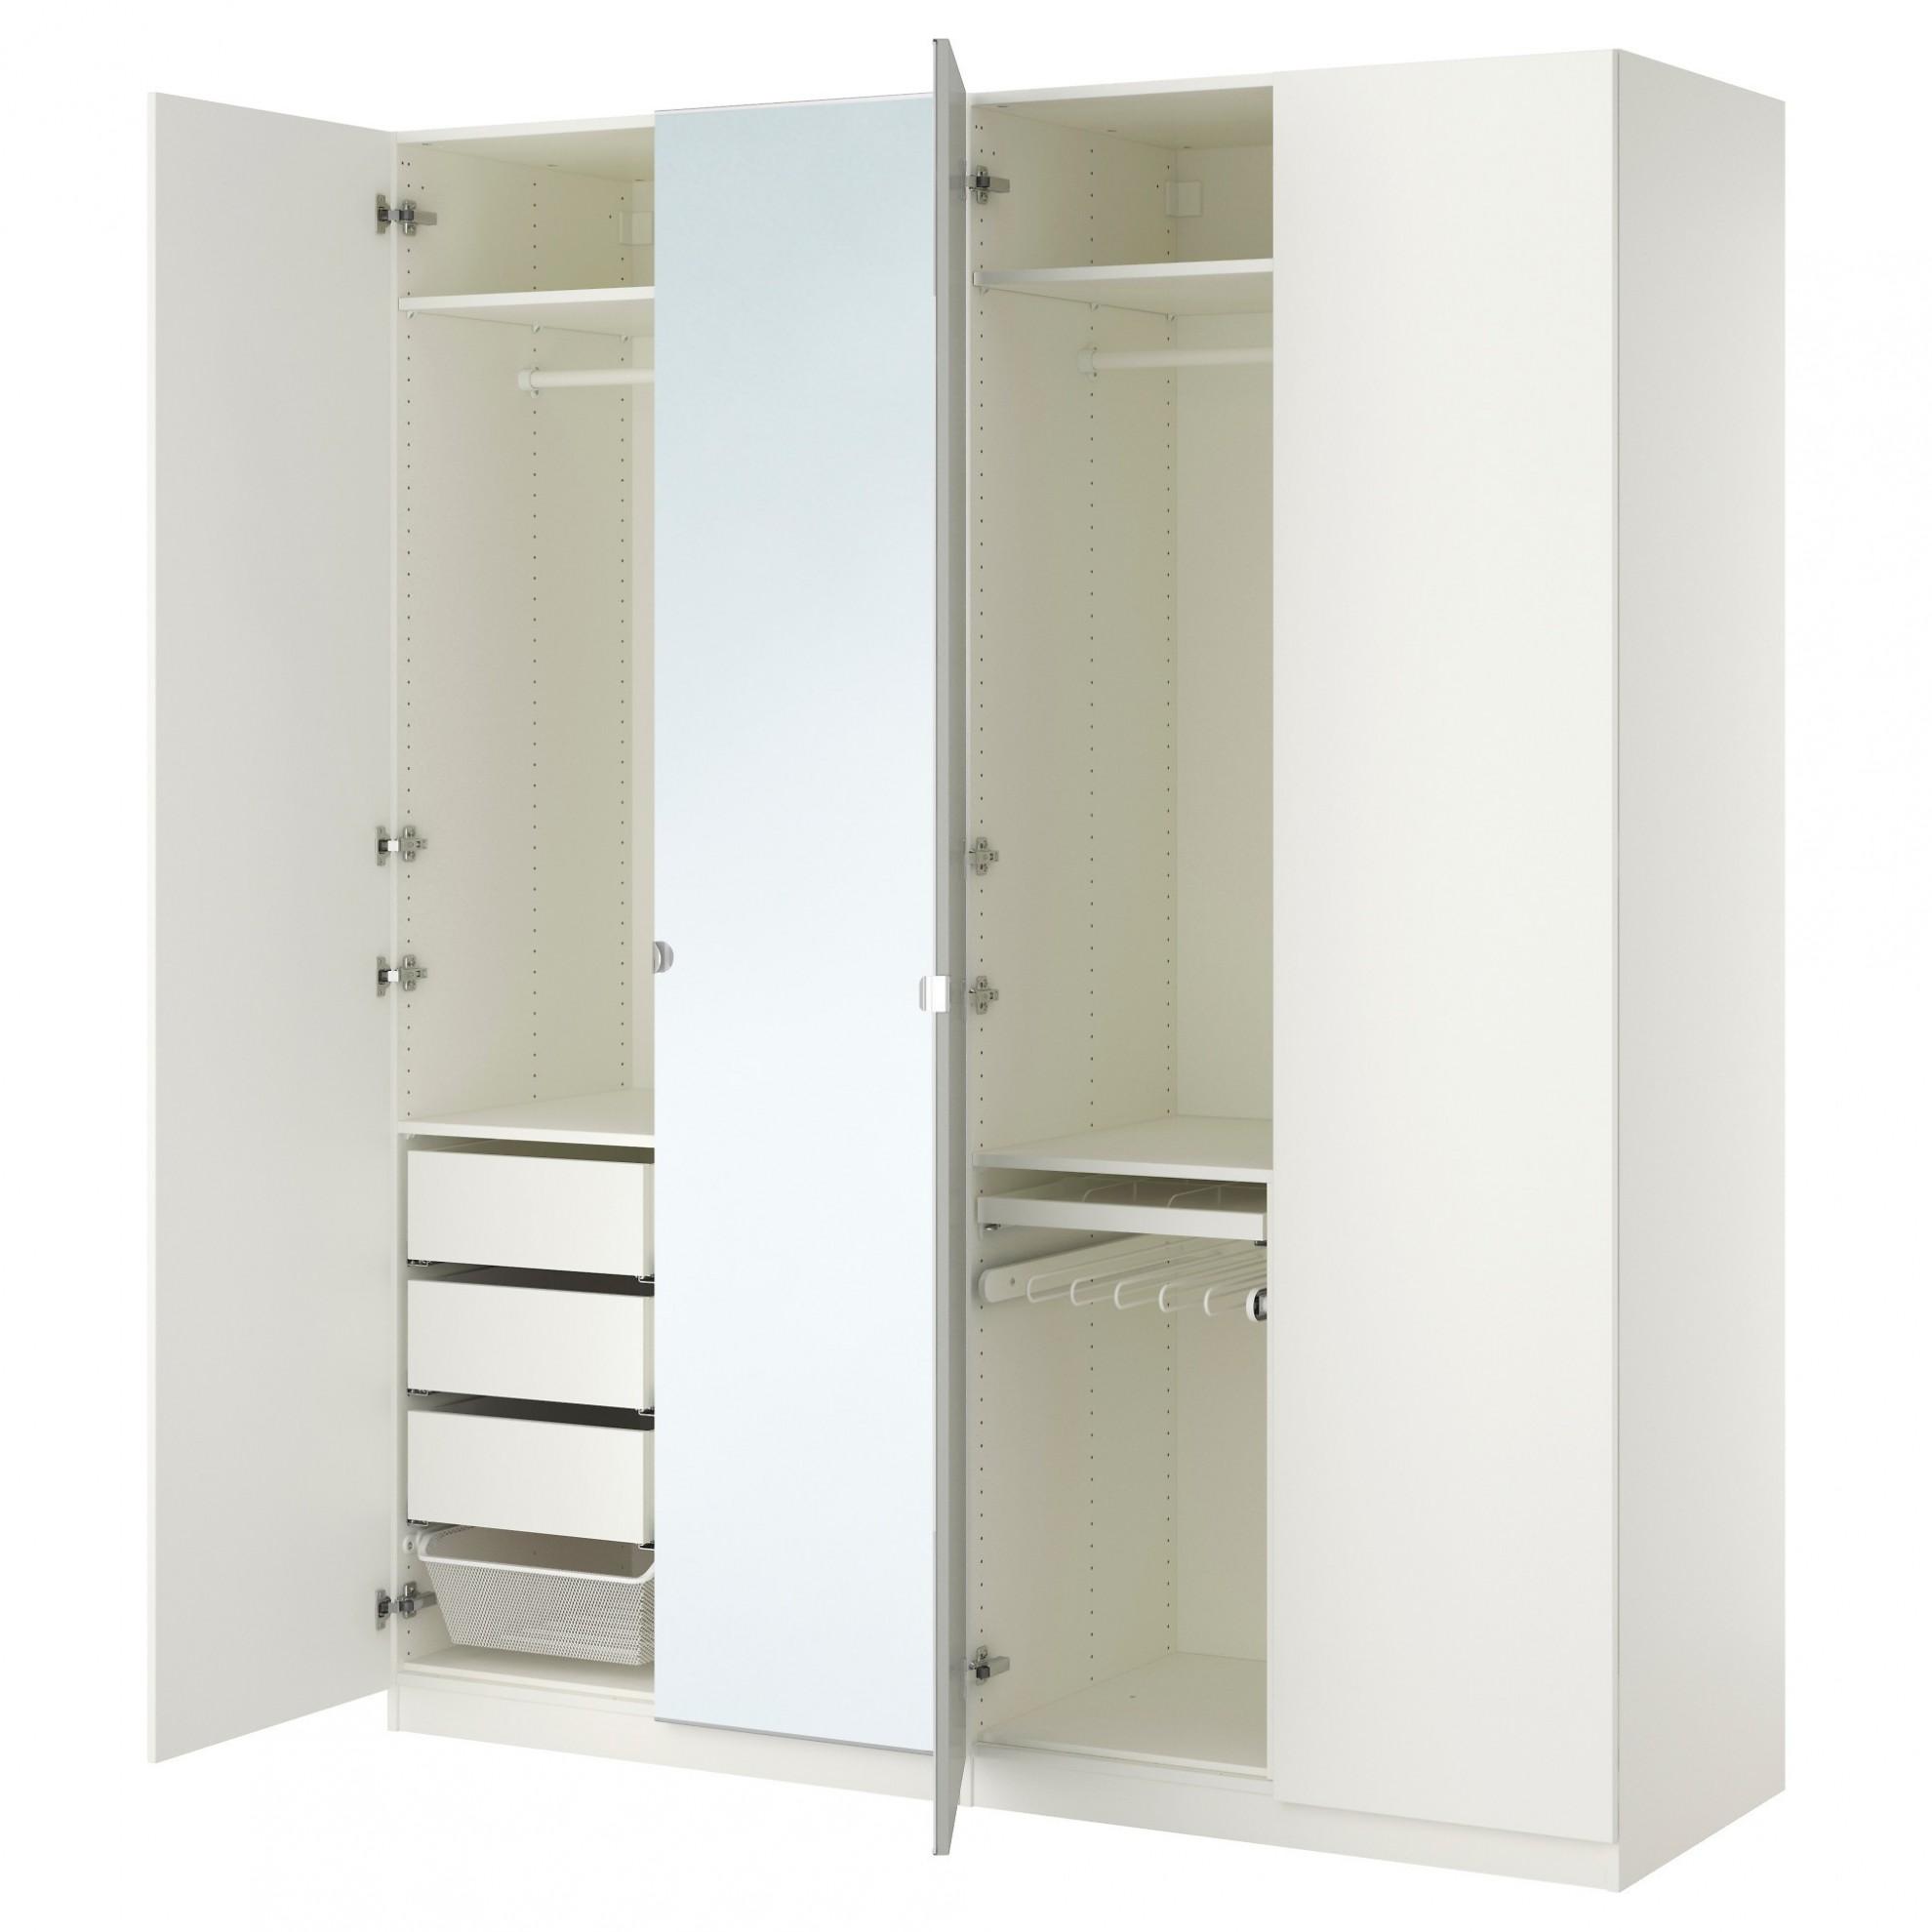 Full Size of Ikea Apothekerschrank 30 Cm Breit Mehrzweckschrank 60 Küche Betten Bei Kosten 160x200 Kaufen Miniküche Modulküche Sofa Mit Schlaffunktion Wohnzimmer Ikea Apothekerschrank